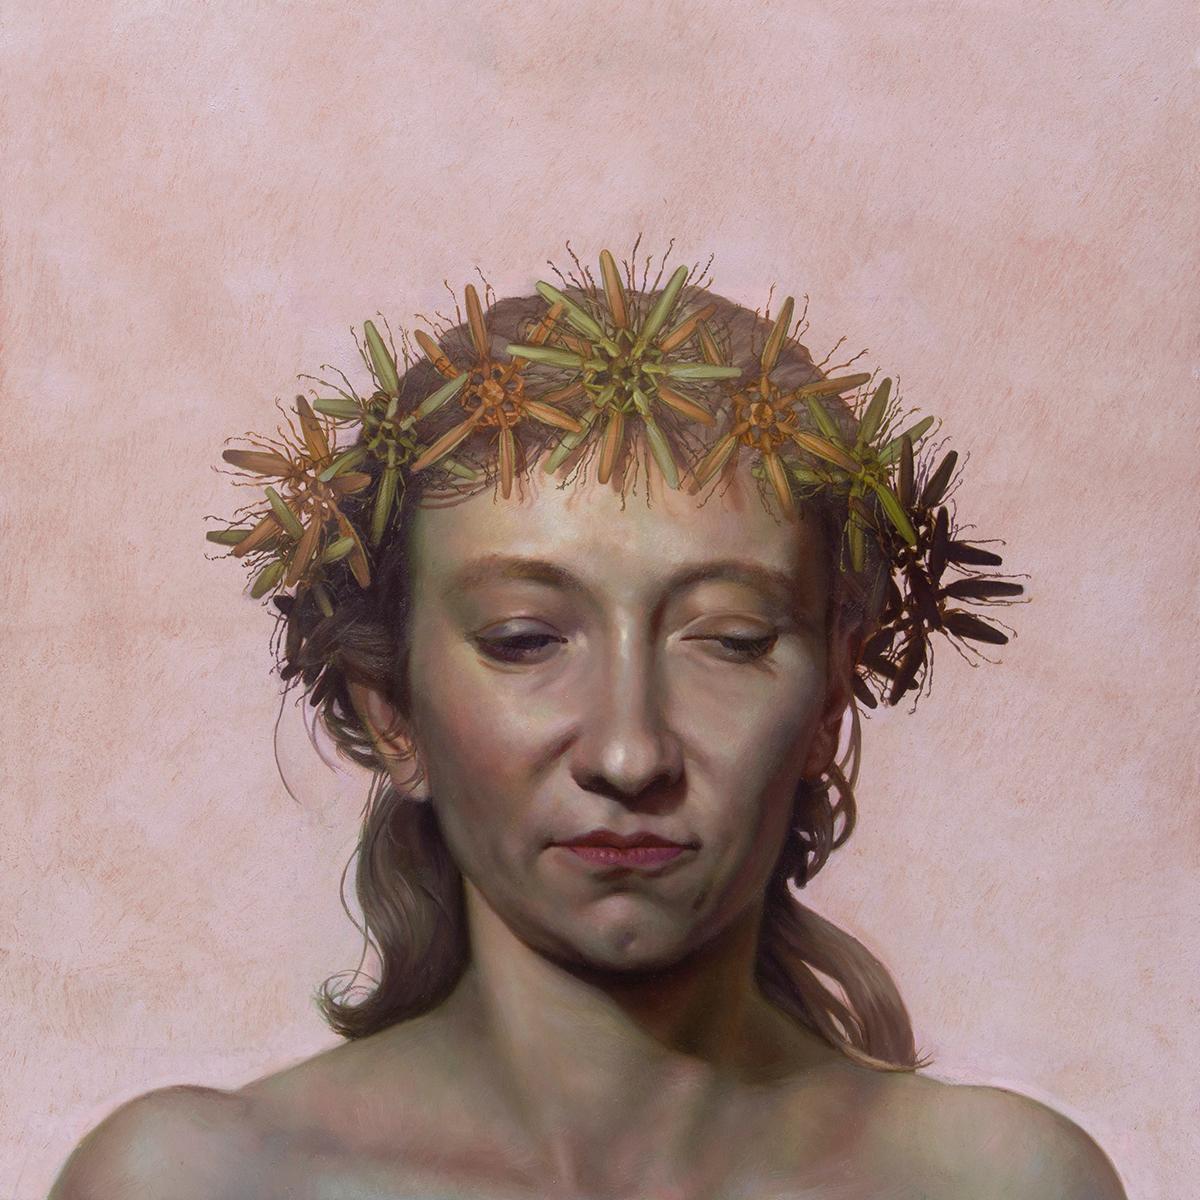 Portrait with Wreath Arrangement